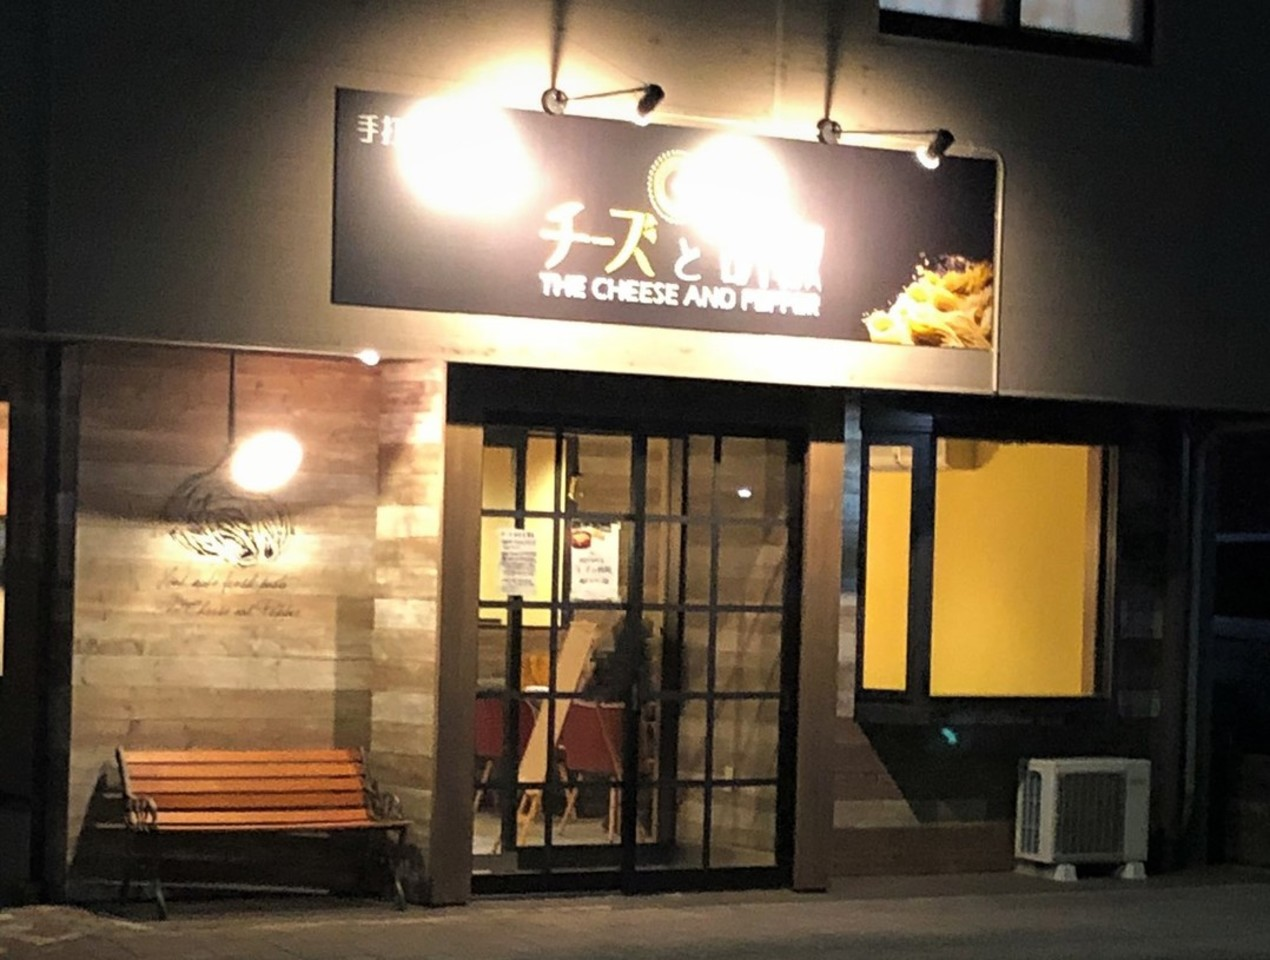 手打ちパスタ屋...福井県福井市文京4丁目に「チーズと胡椒」4/2オープン